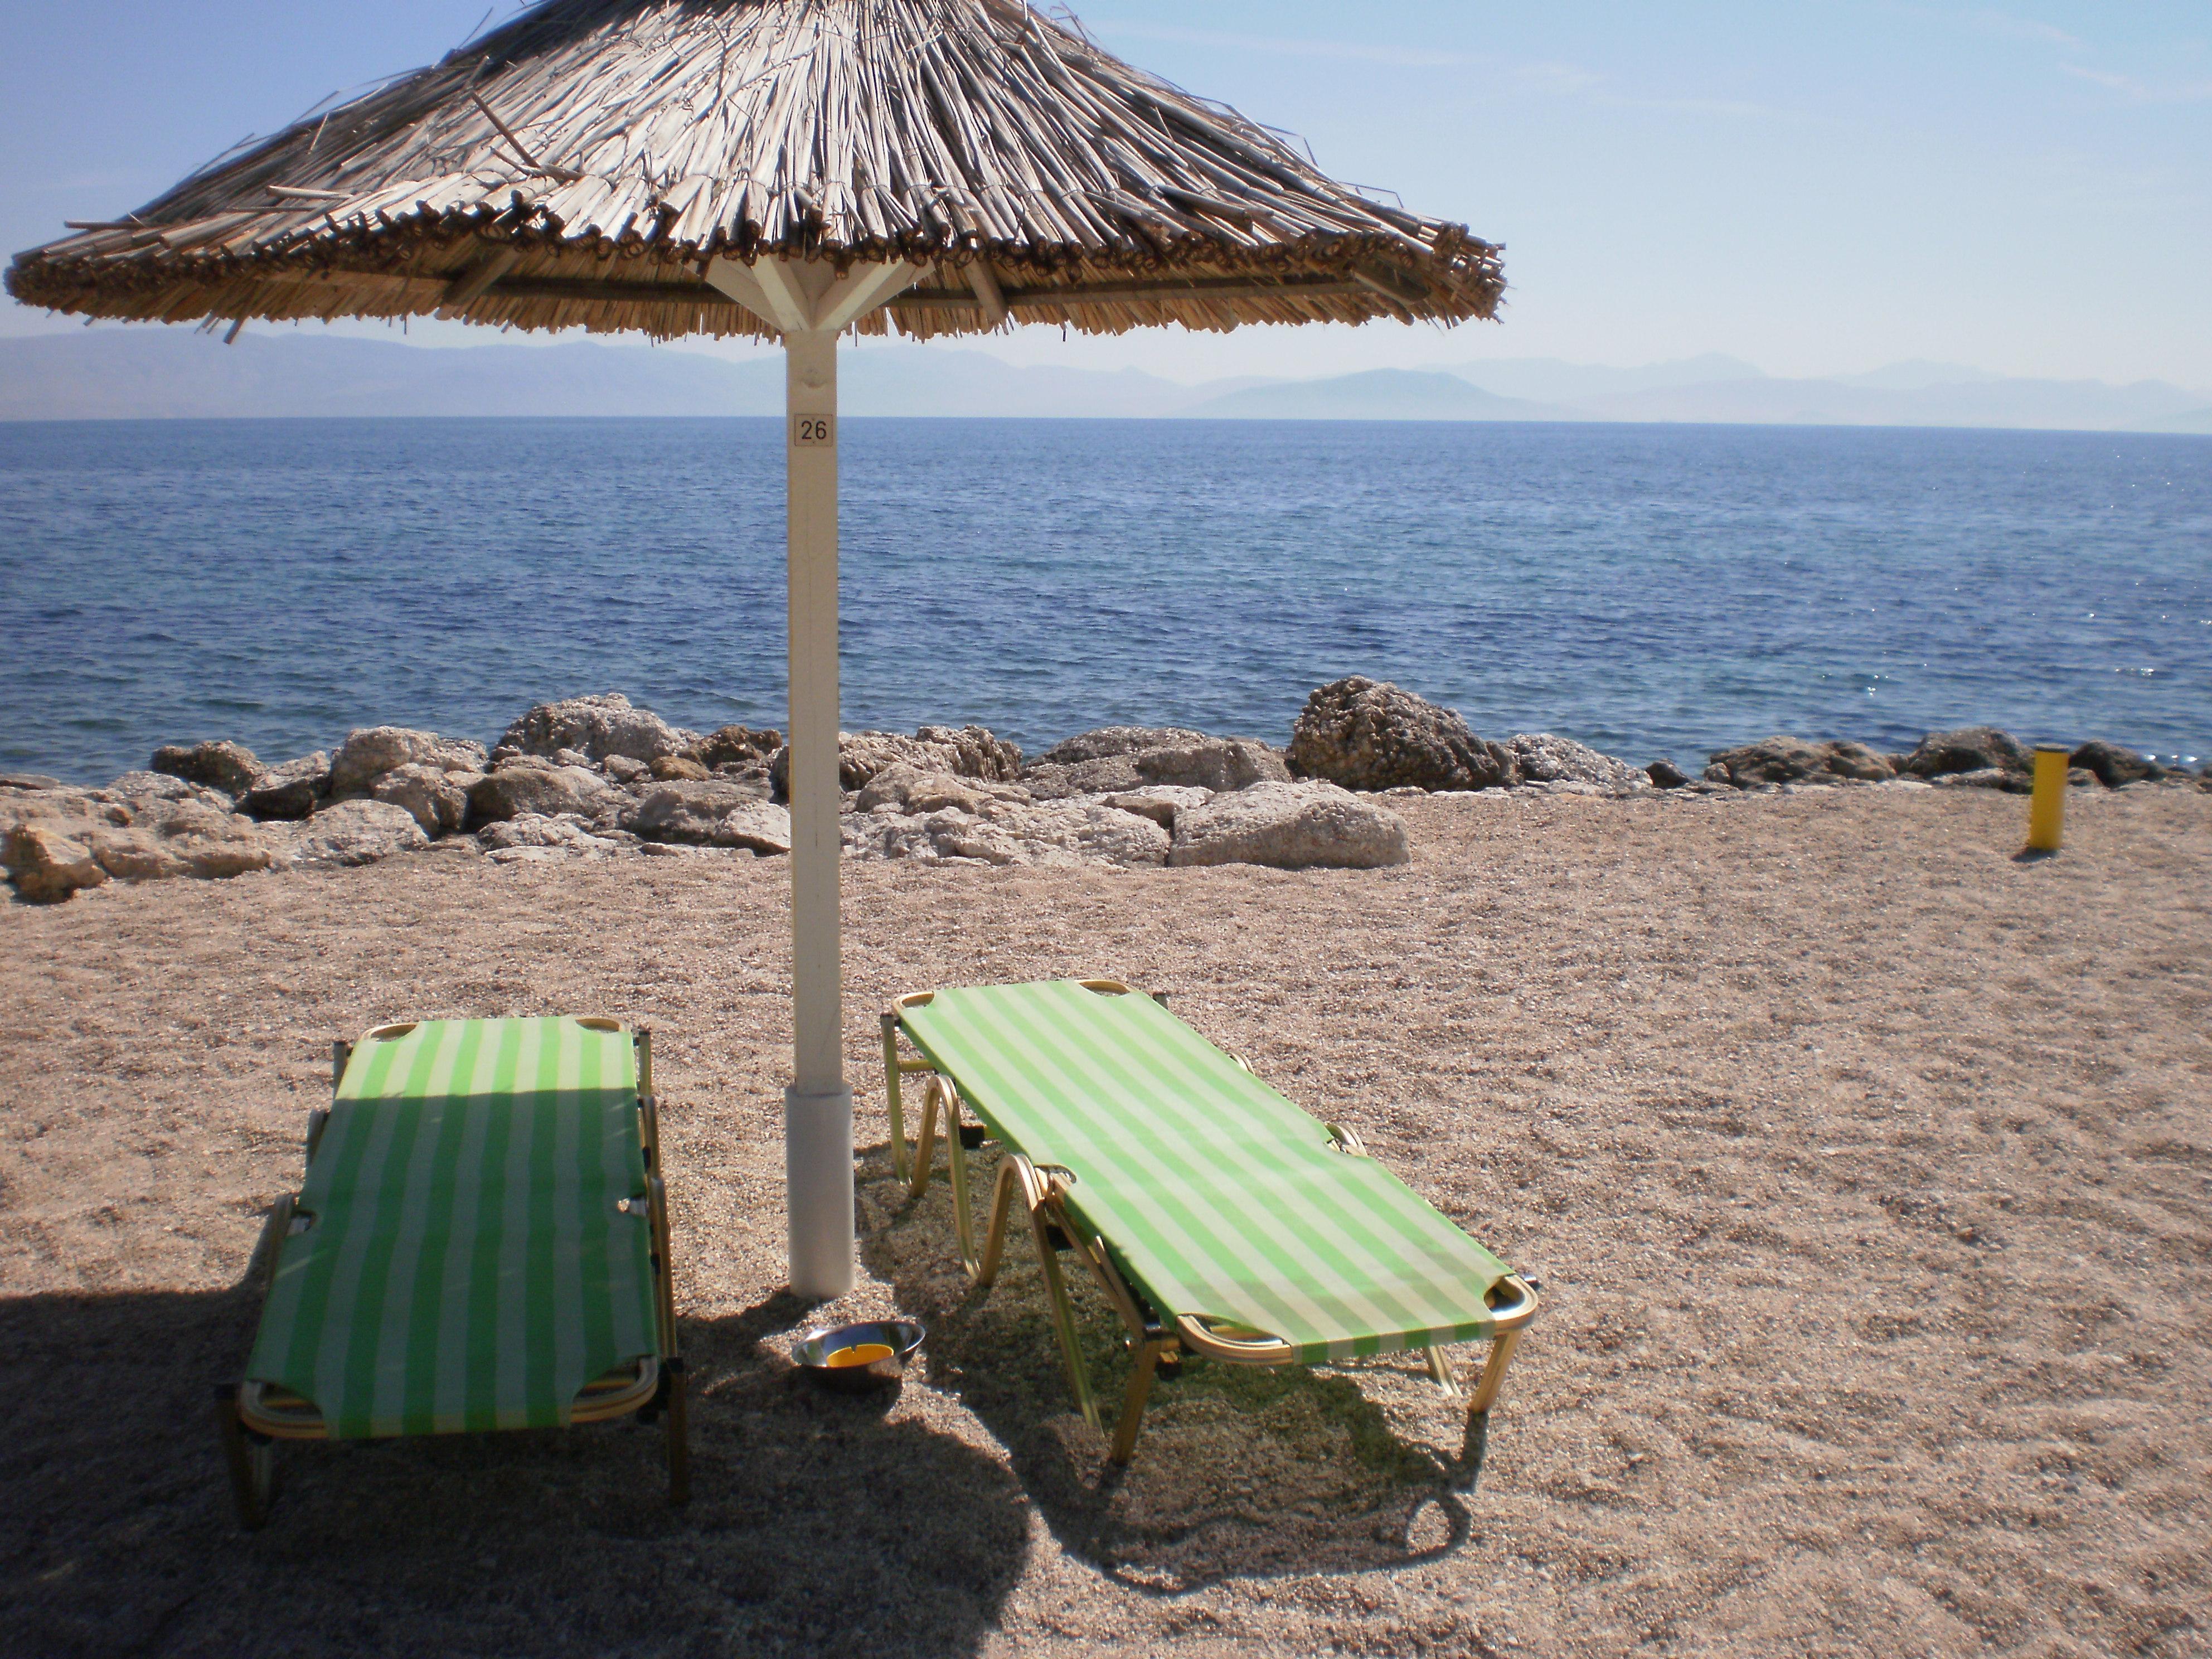 Maison de vacances Entspannte Ferien ein paar Schritte vom Meer entfernt und mit einem Gefhl der Privatsphre (2378713), Moraitika, Corfou, Iles Ioniennes, Grèce, image 17